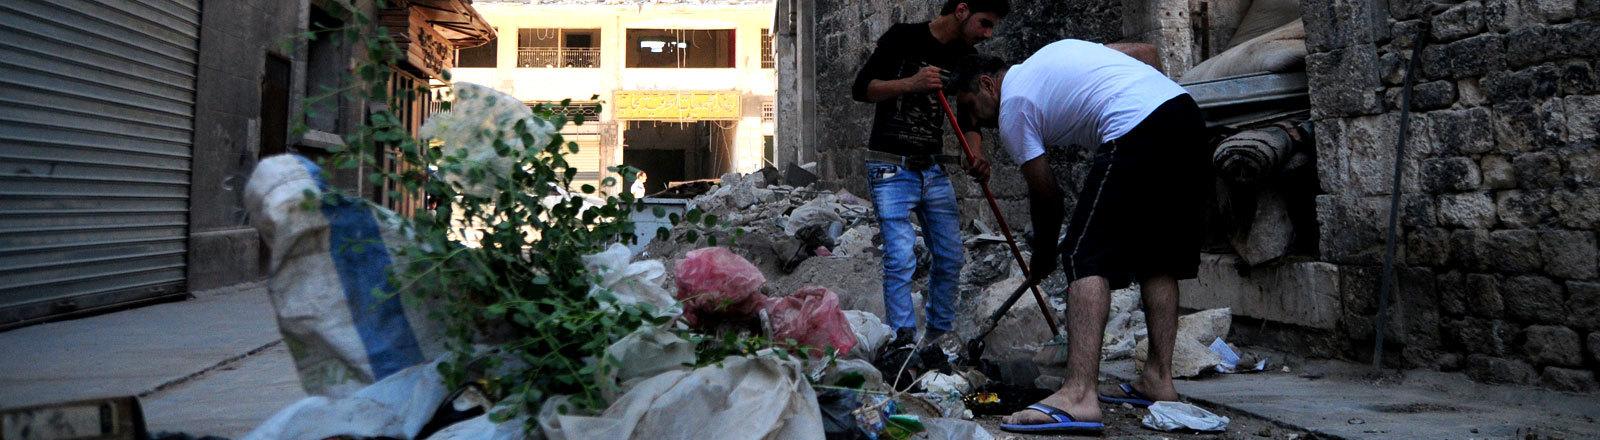 Zwei Syrer räumen am 24.06.2017 im Westen Aleppos Trümmer und Schutt von der Straße.